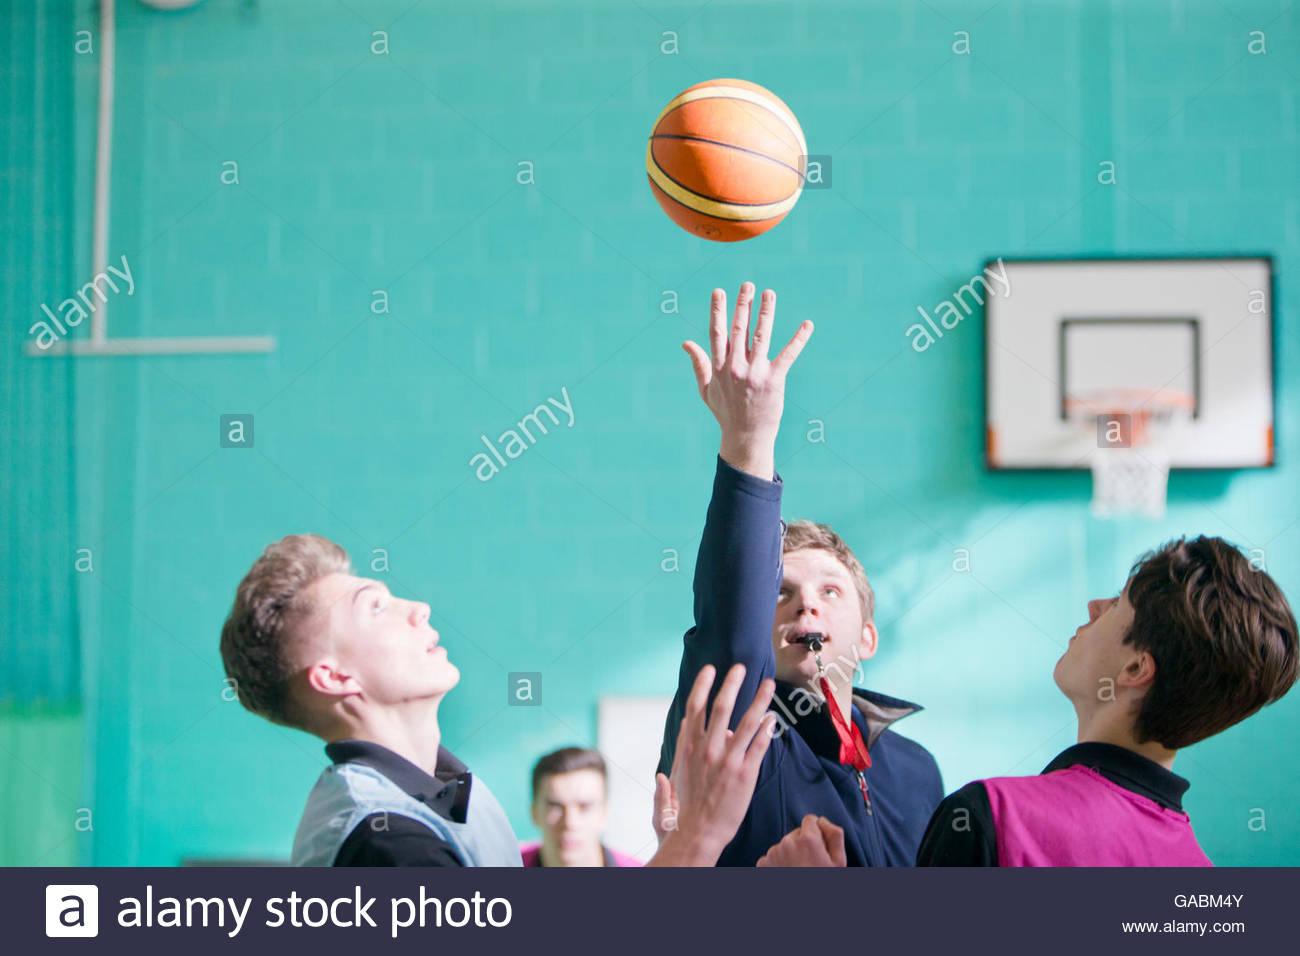 Gym-Lehrer Anfahren High-School-Basketball-Spiel mit Spitze Stockbild